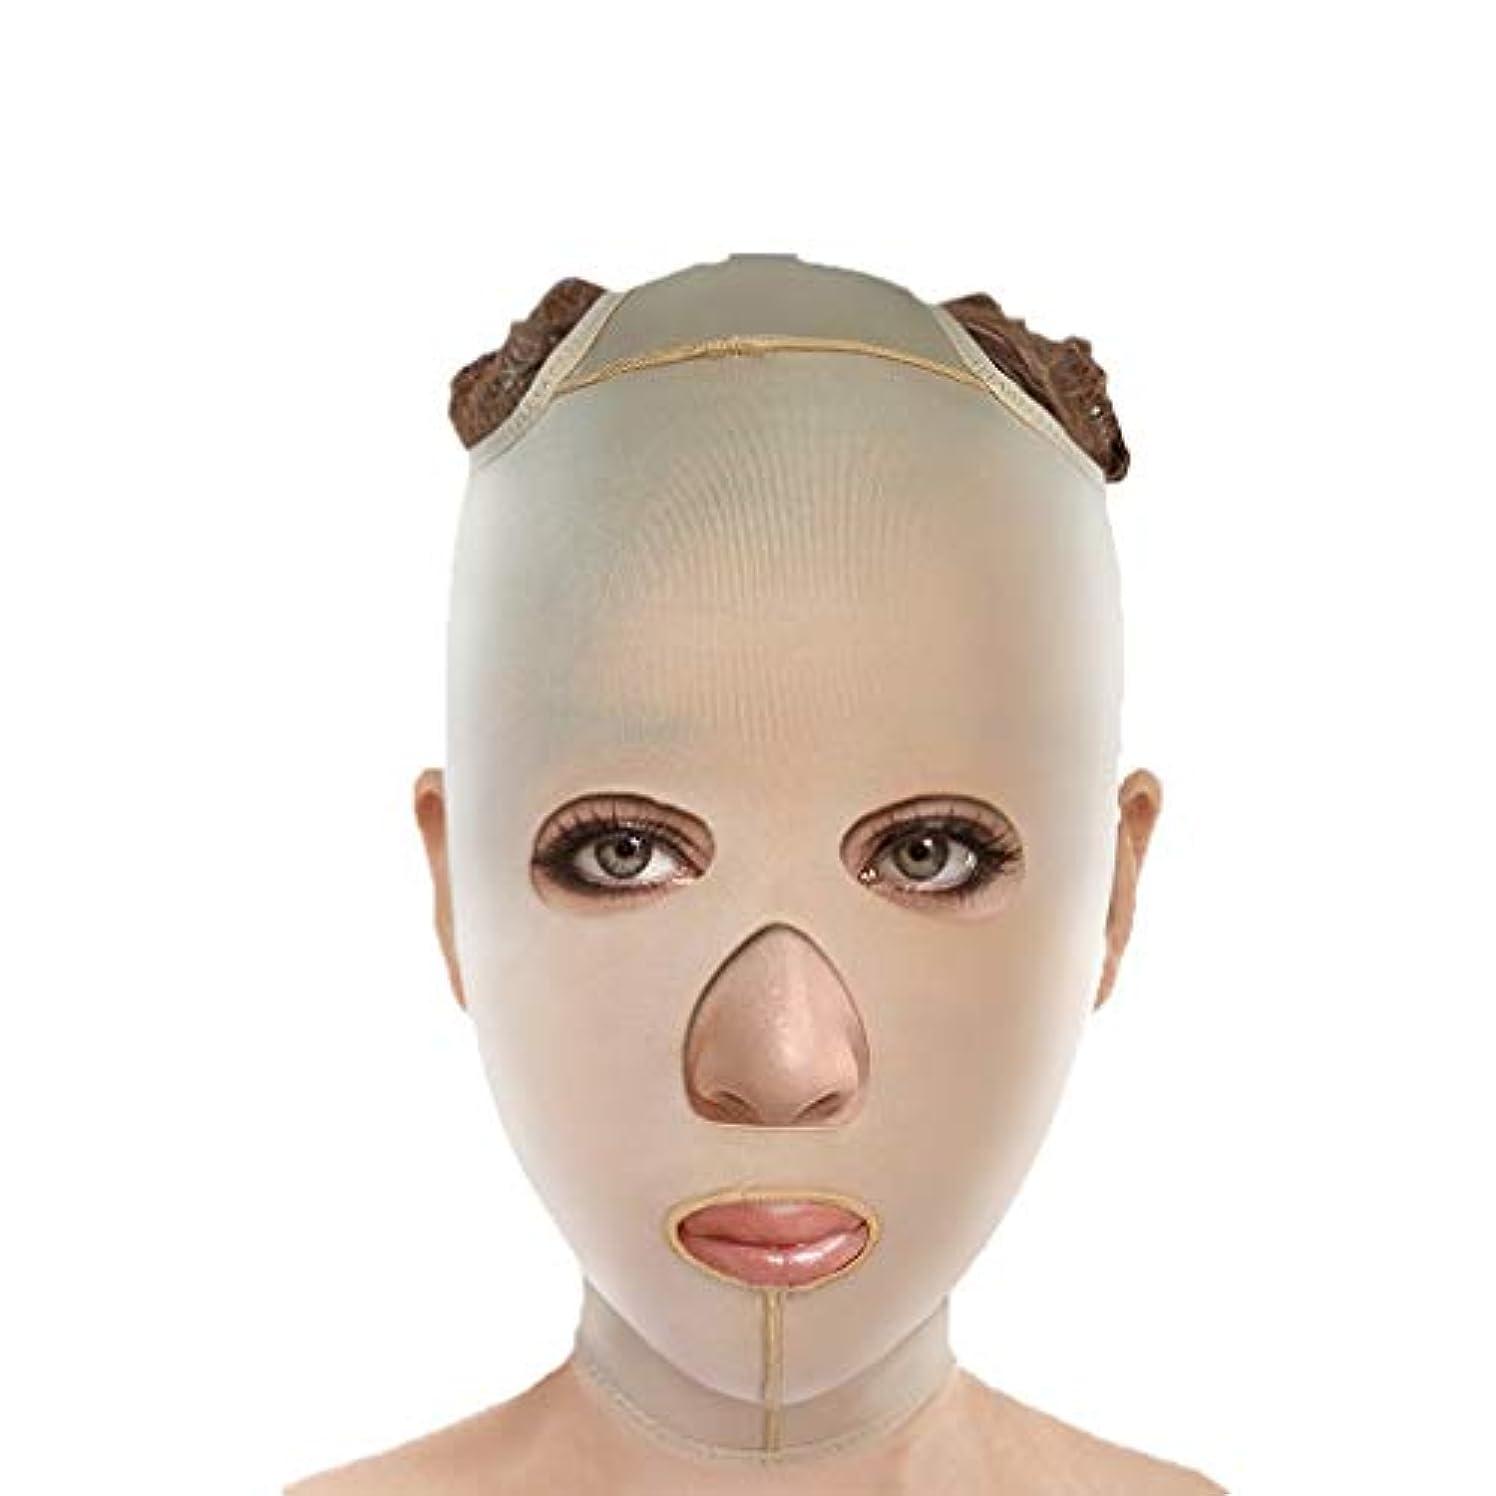 浮浪者それに応じてセクタXHLMRMJ あごのストラップ、フェイスリフティング、アンチエイジングフェイシャルバンデージ、フェイシャル減量マスク、ファーミングマスク、フェイシャルリフティングアーティファクト (Size : L)